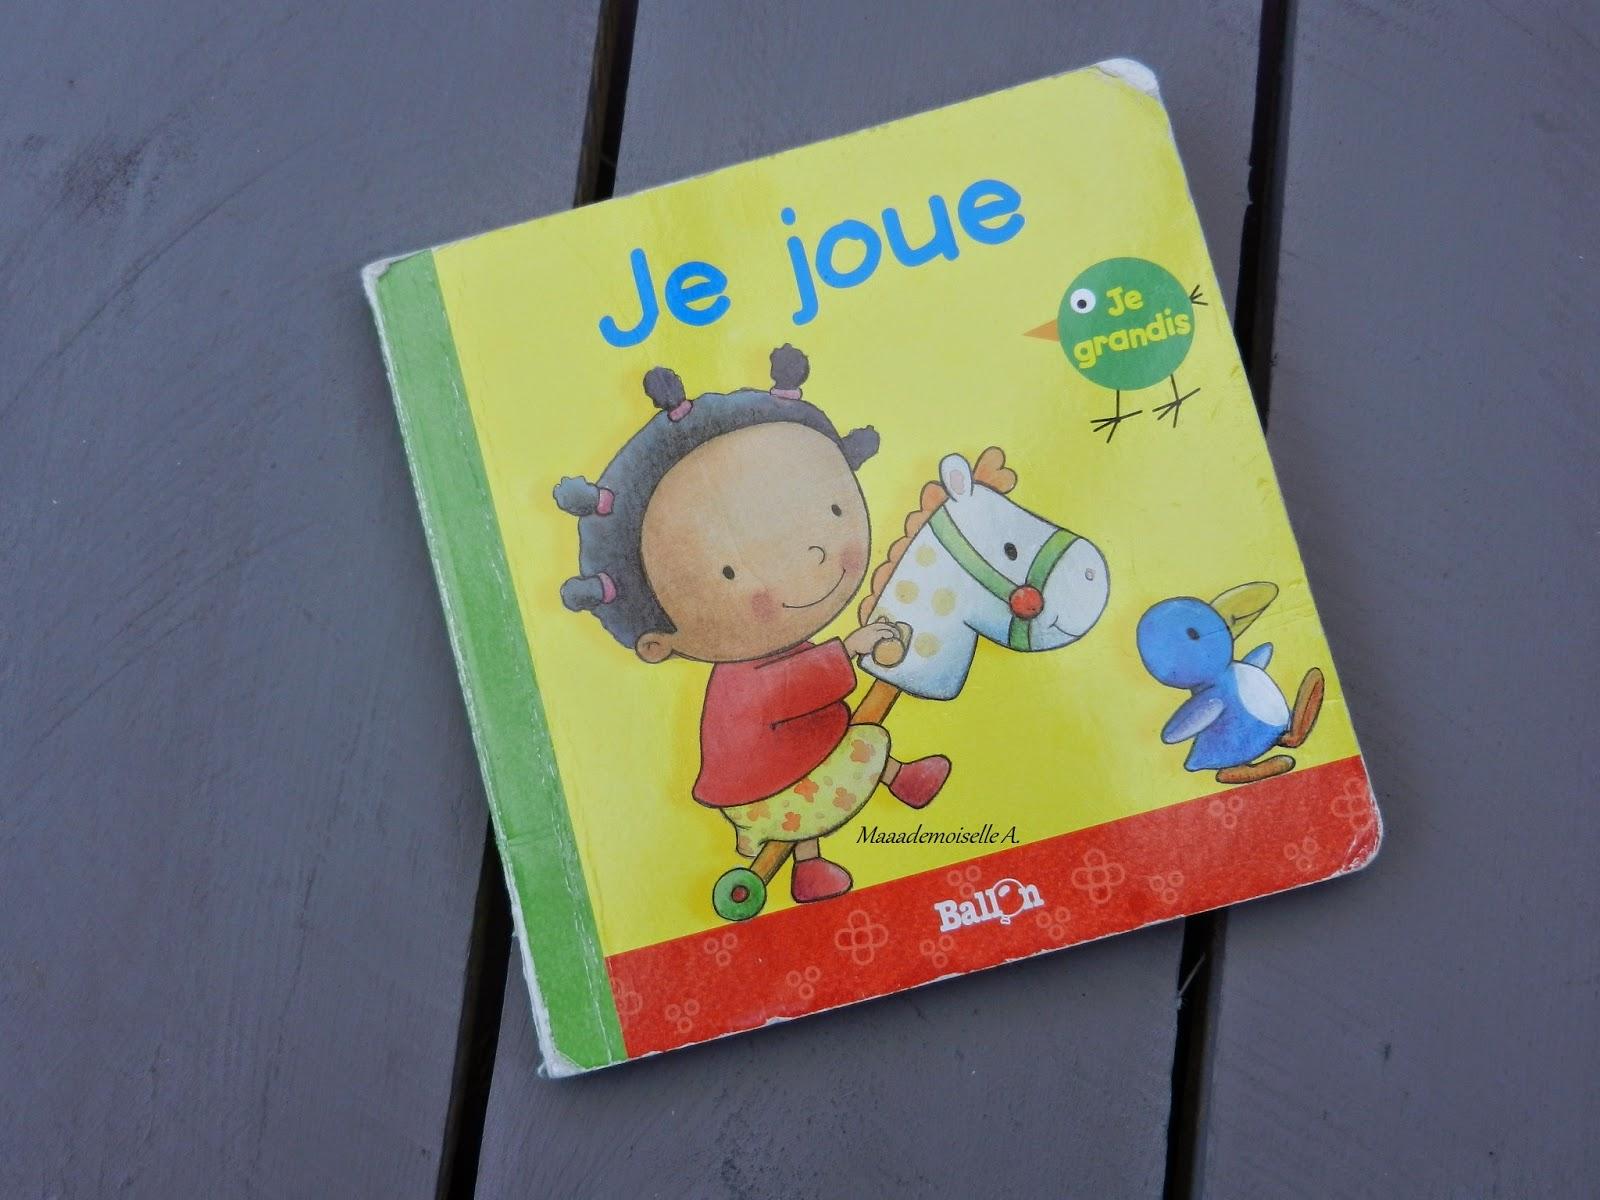 [Livre pour bébé : Présentation & Avis] Je joue [Chut, les enfants lisent #2]